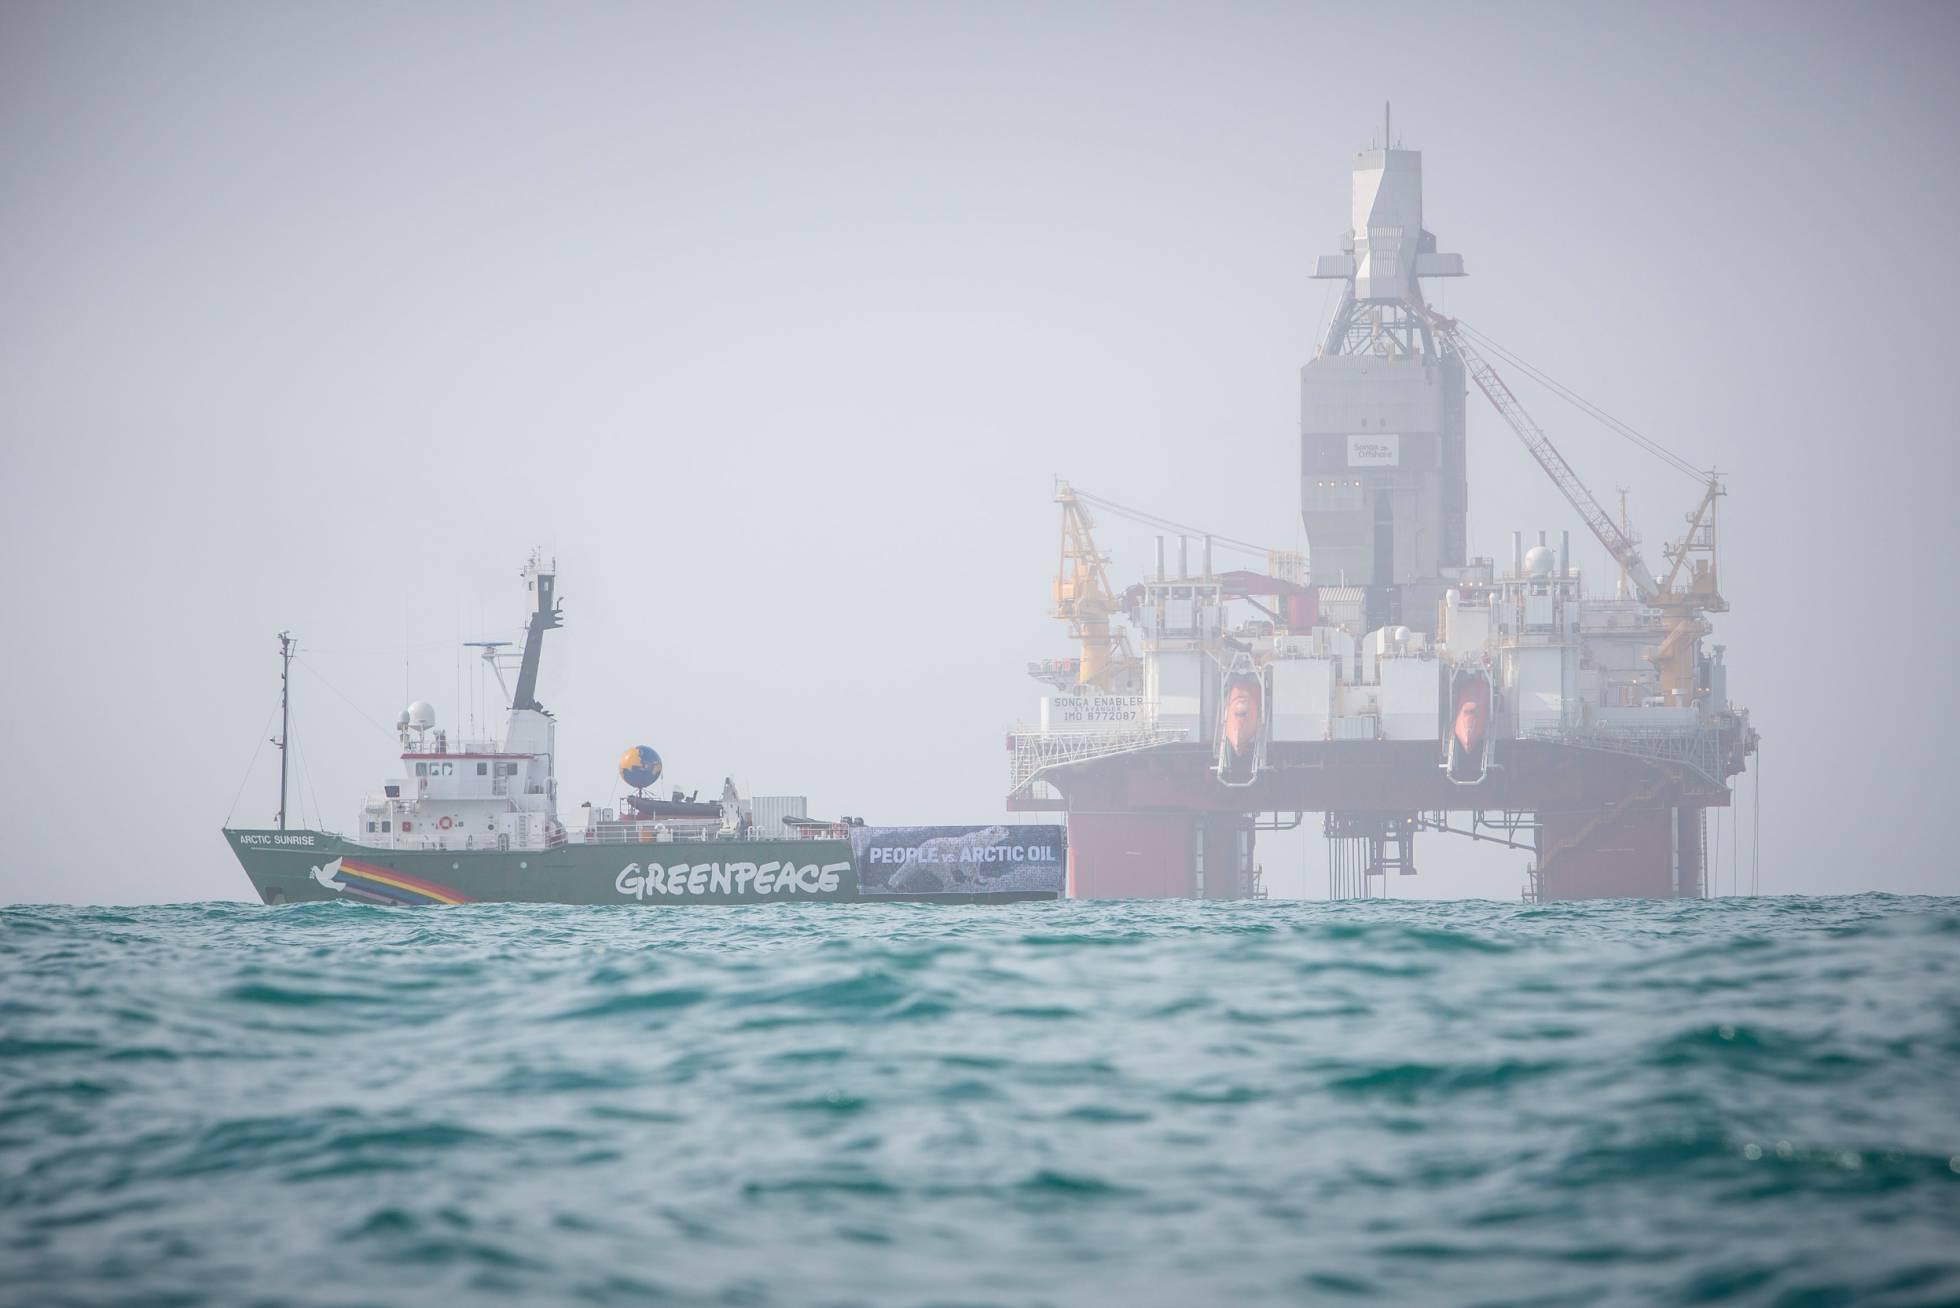 La justicia noruega avala la extracción de petróleo en el Ártico denunciada por Greenpeace